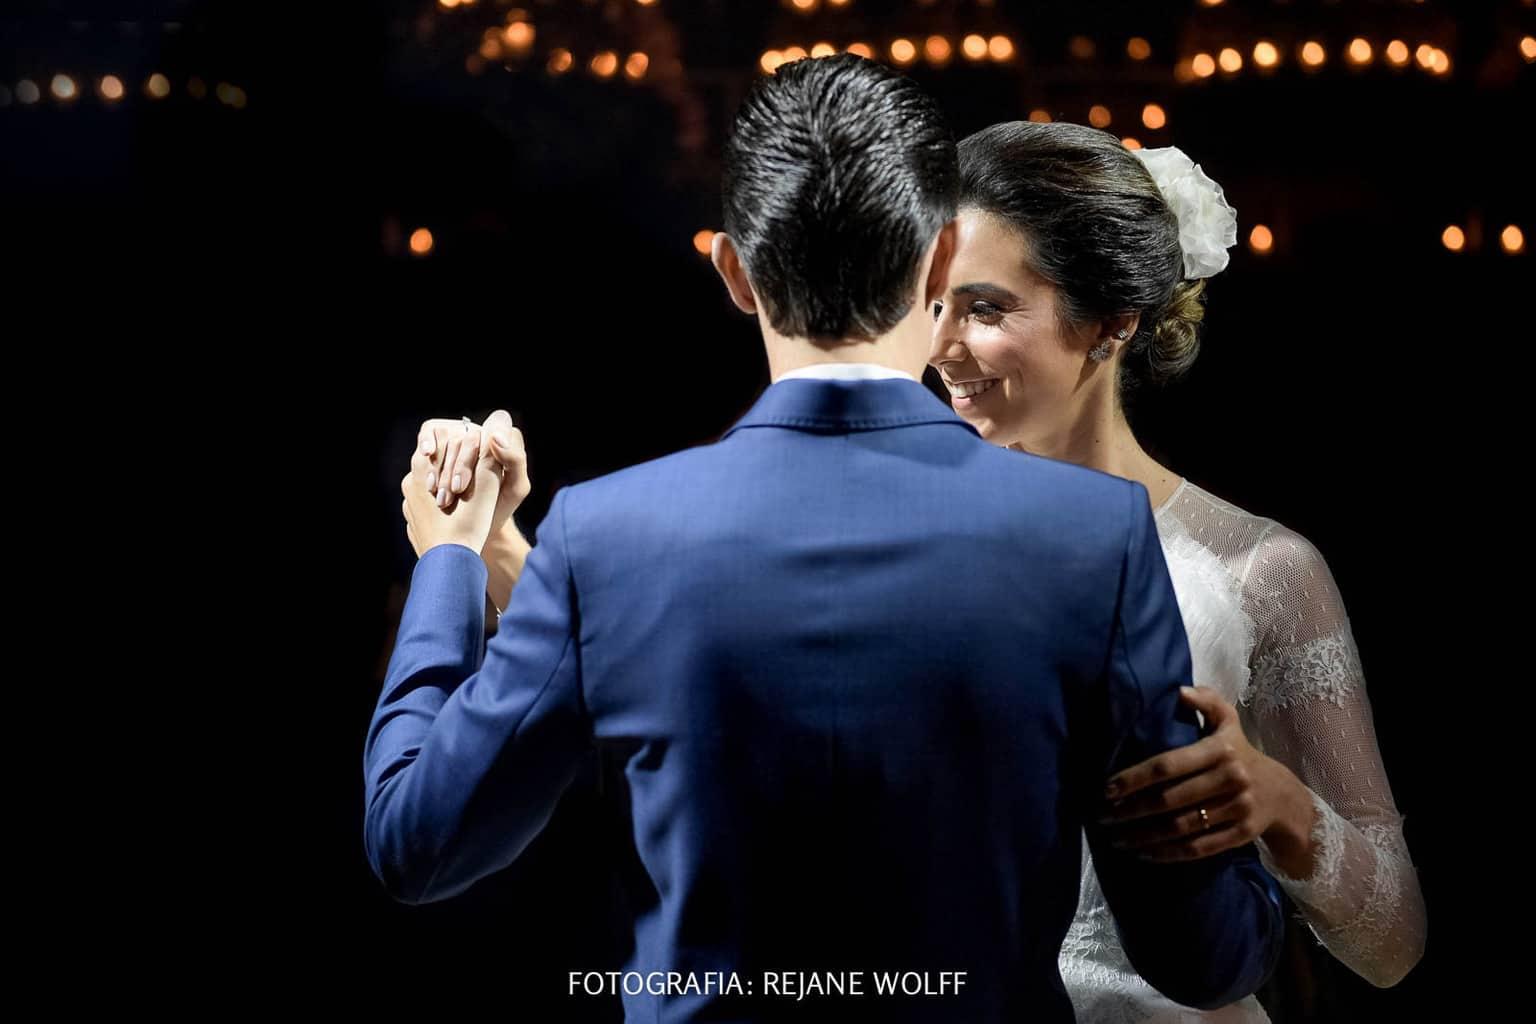 Casamento-Verane-e-Bruno-fotografia-Rejane-Wolff-hora-do-buque-Rej-Terras-de-Clara28